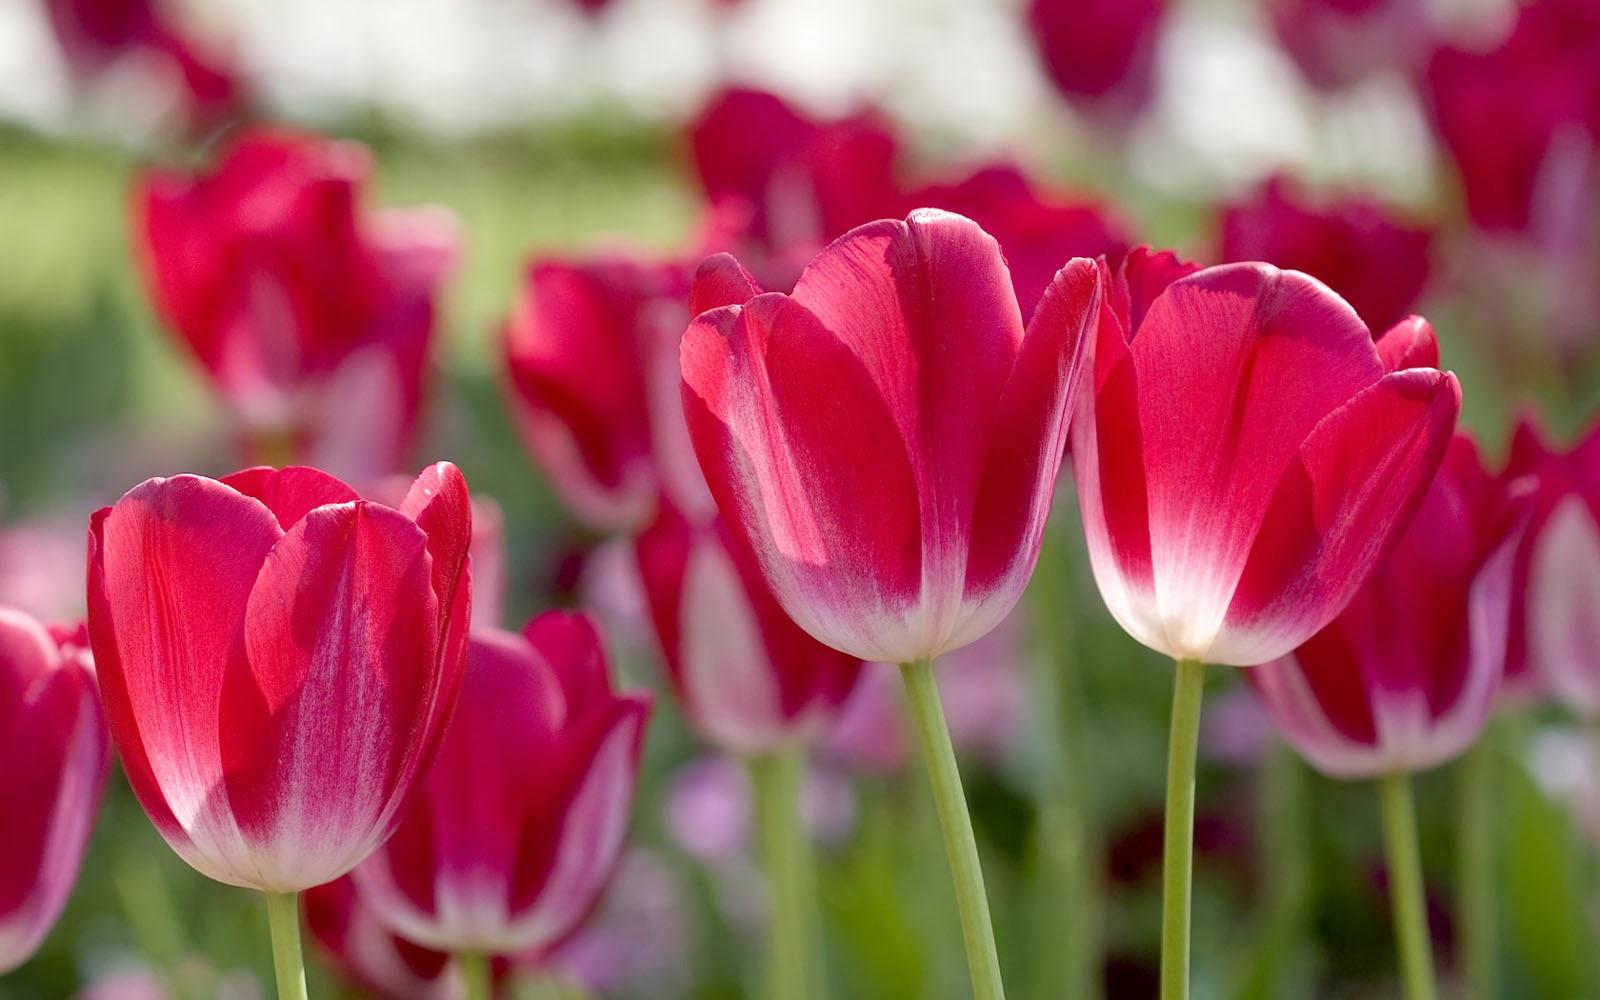 Wallpapers: Red Tulips Desktop Wallpapers